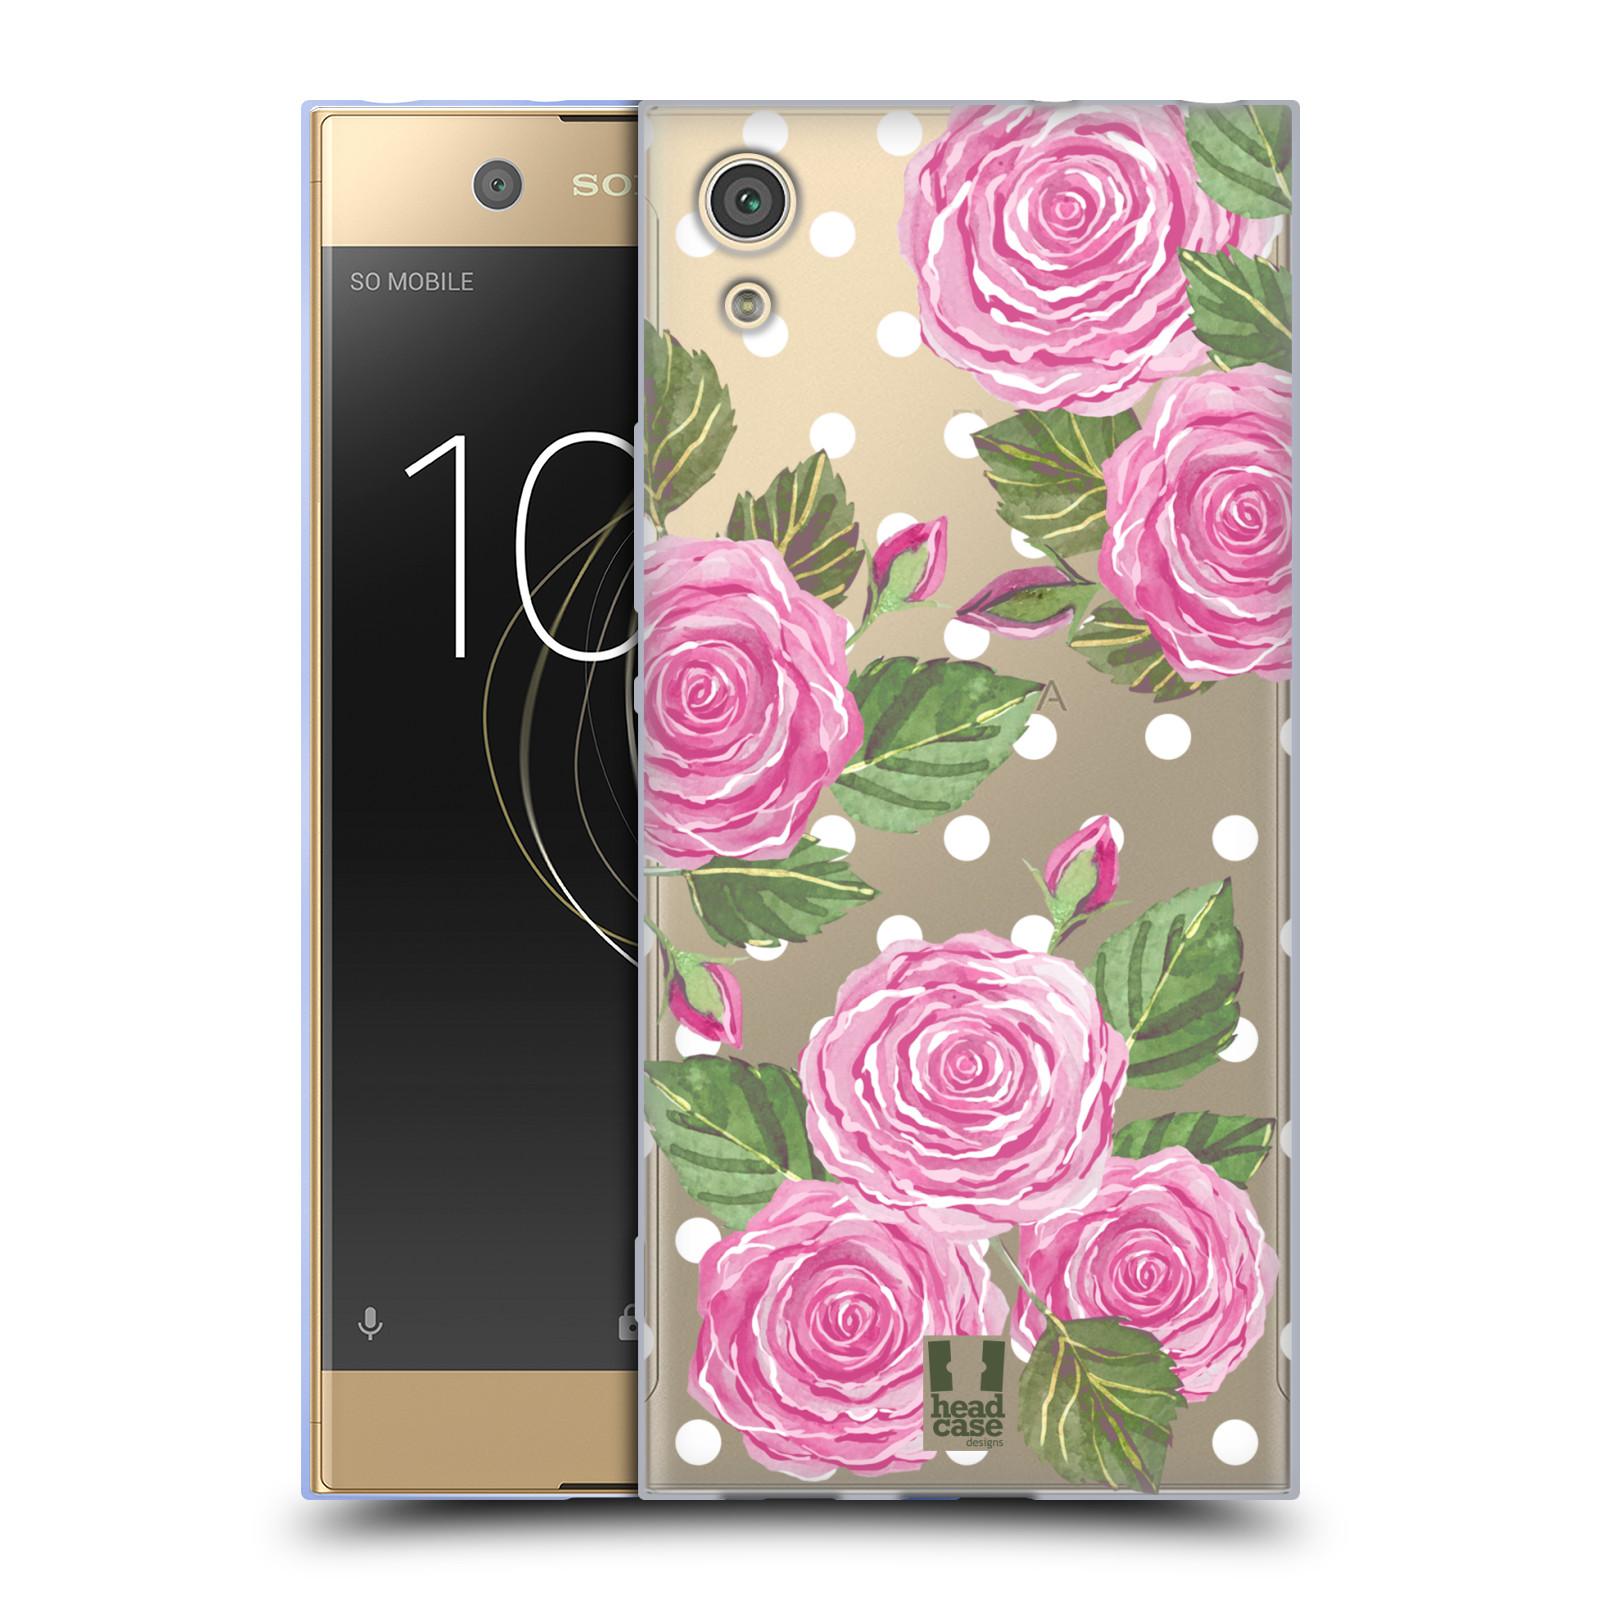 Silikonové pouzdro na mobil Sony Xperia XA1 - Head Case - Hezoučké růžičky - průhledné